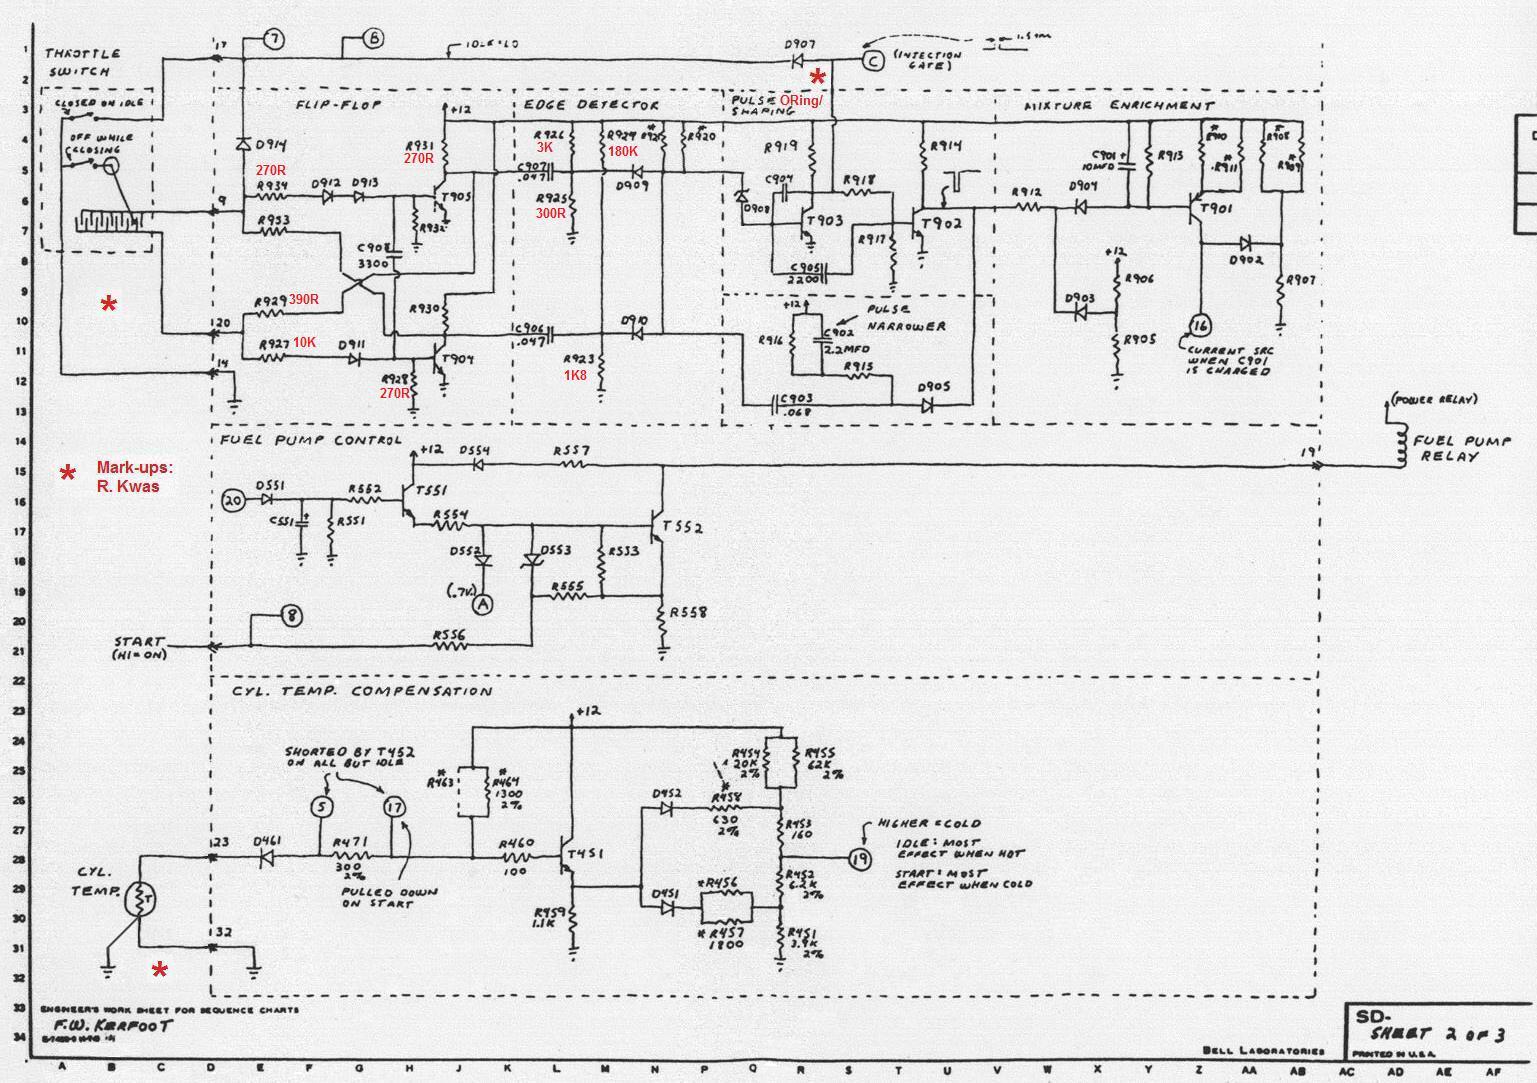 1975 porsche 914 wiring diagram color codes automotive 911 fuel pump nissan 240sx